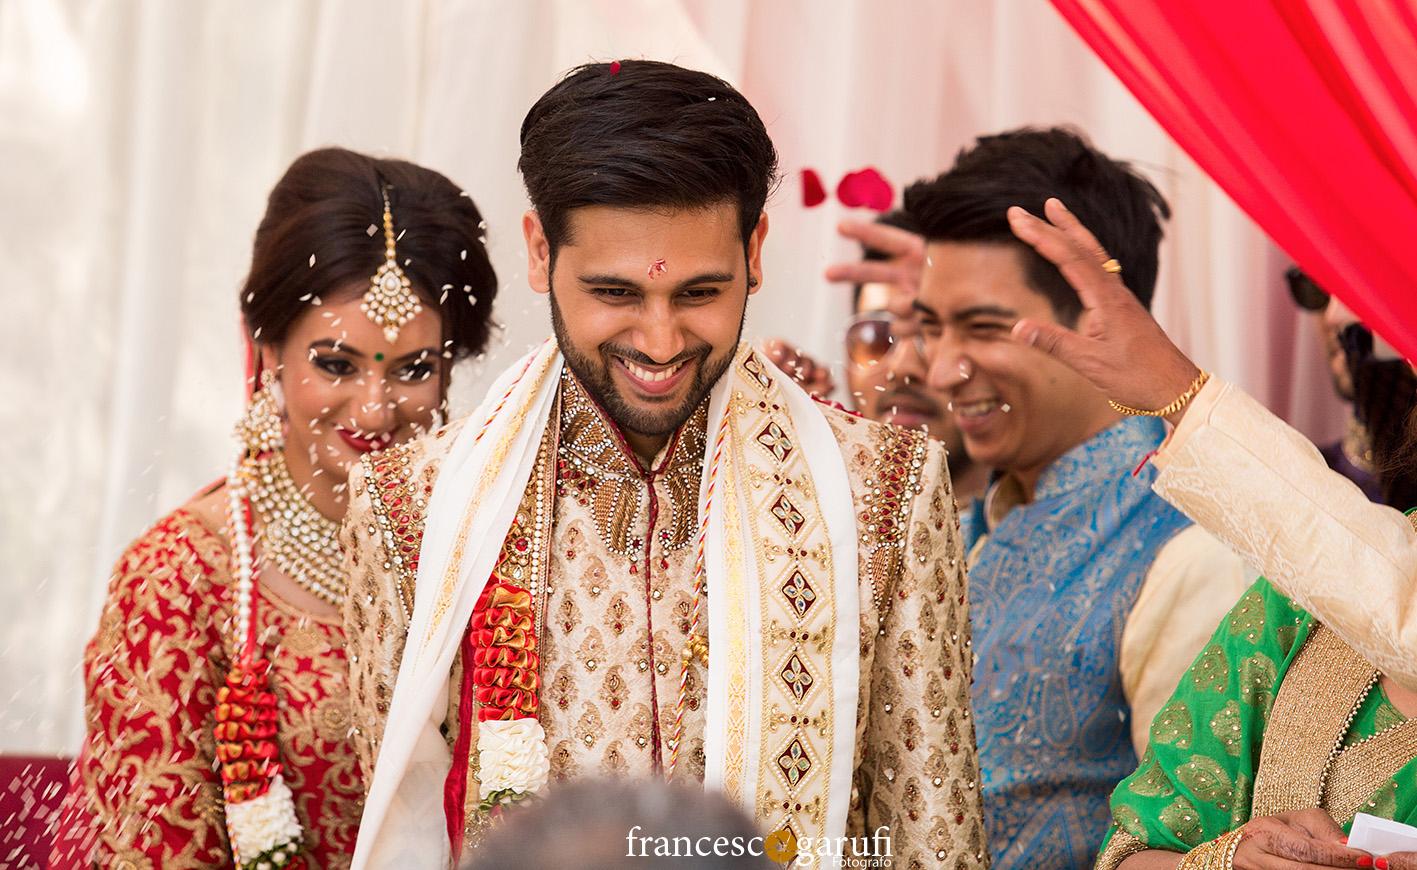 lancio petali matrimonio indiano in Toscana